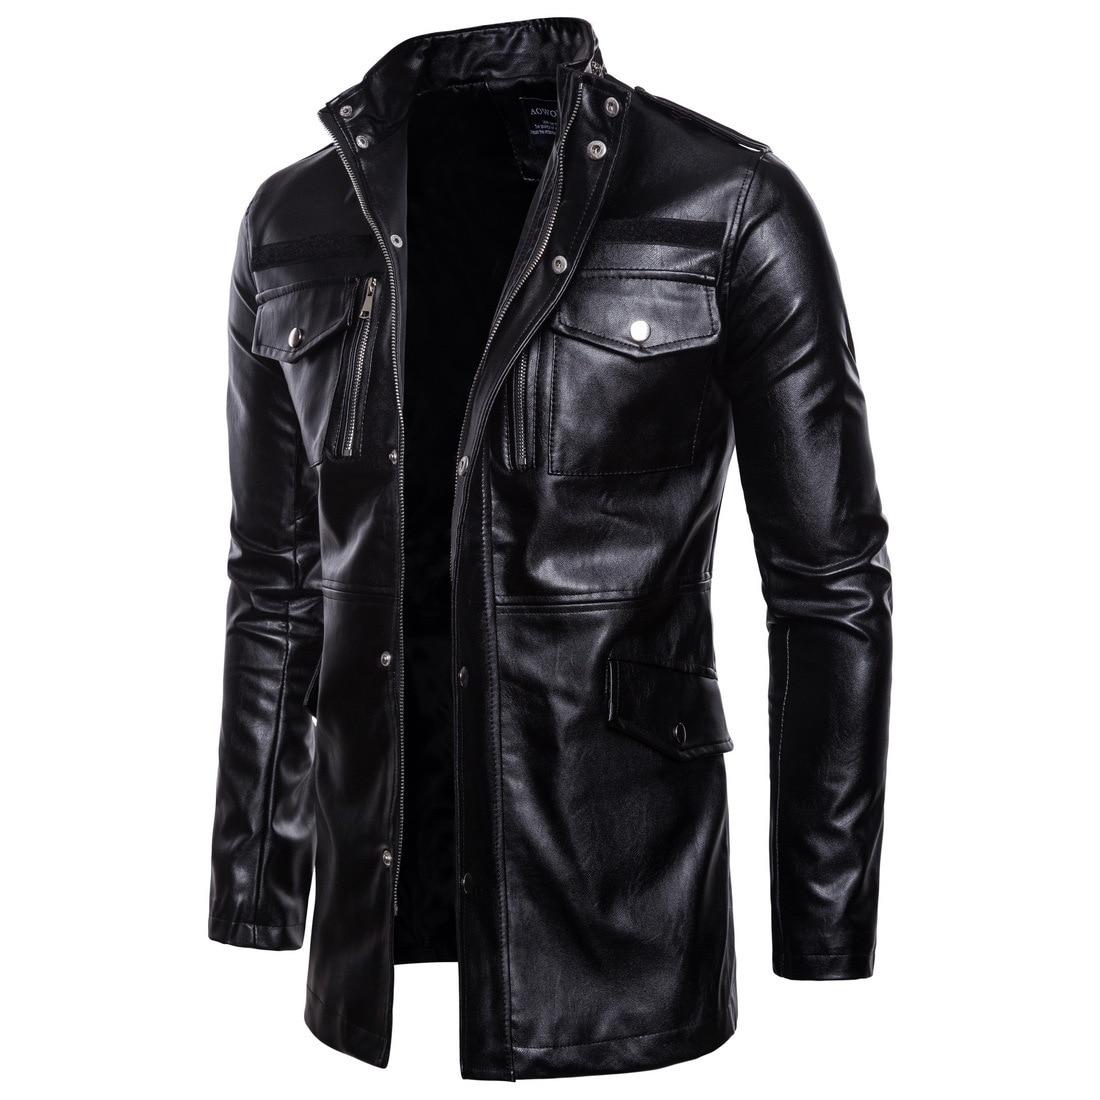 2018 Neue Herbst Winter Männer Lange Leder Jacken Mäntel Kleidung Mann Stehen Kragen Vier-tasche Motorrad Leder Jacke Plus Größe Attraktives Aussehen